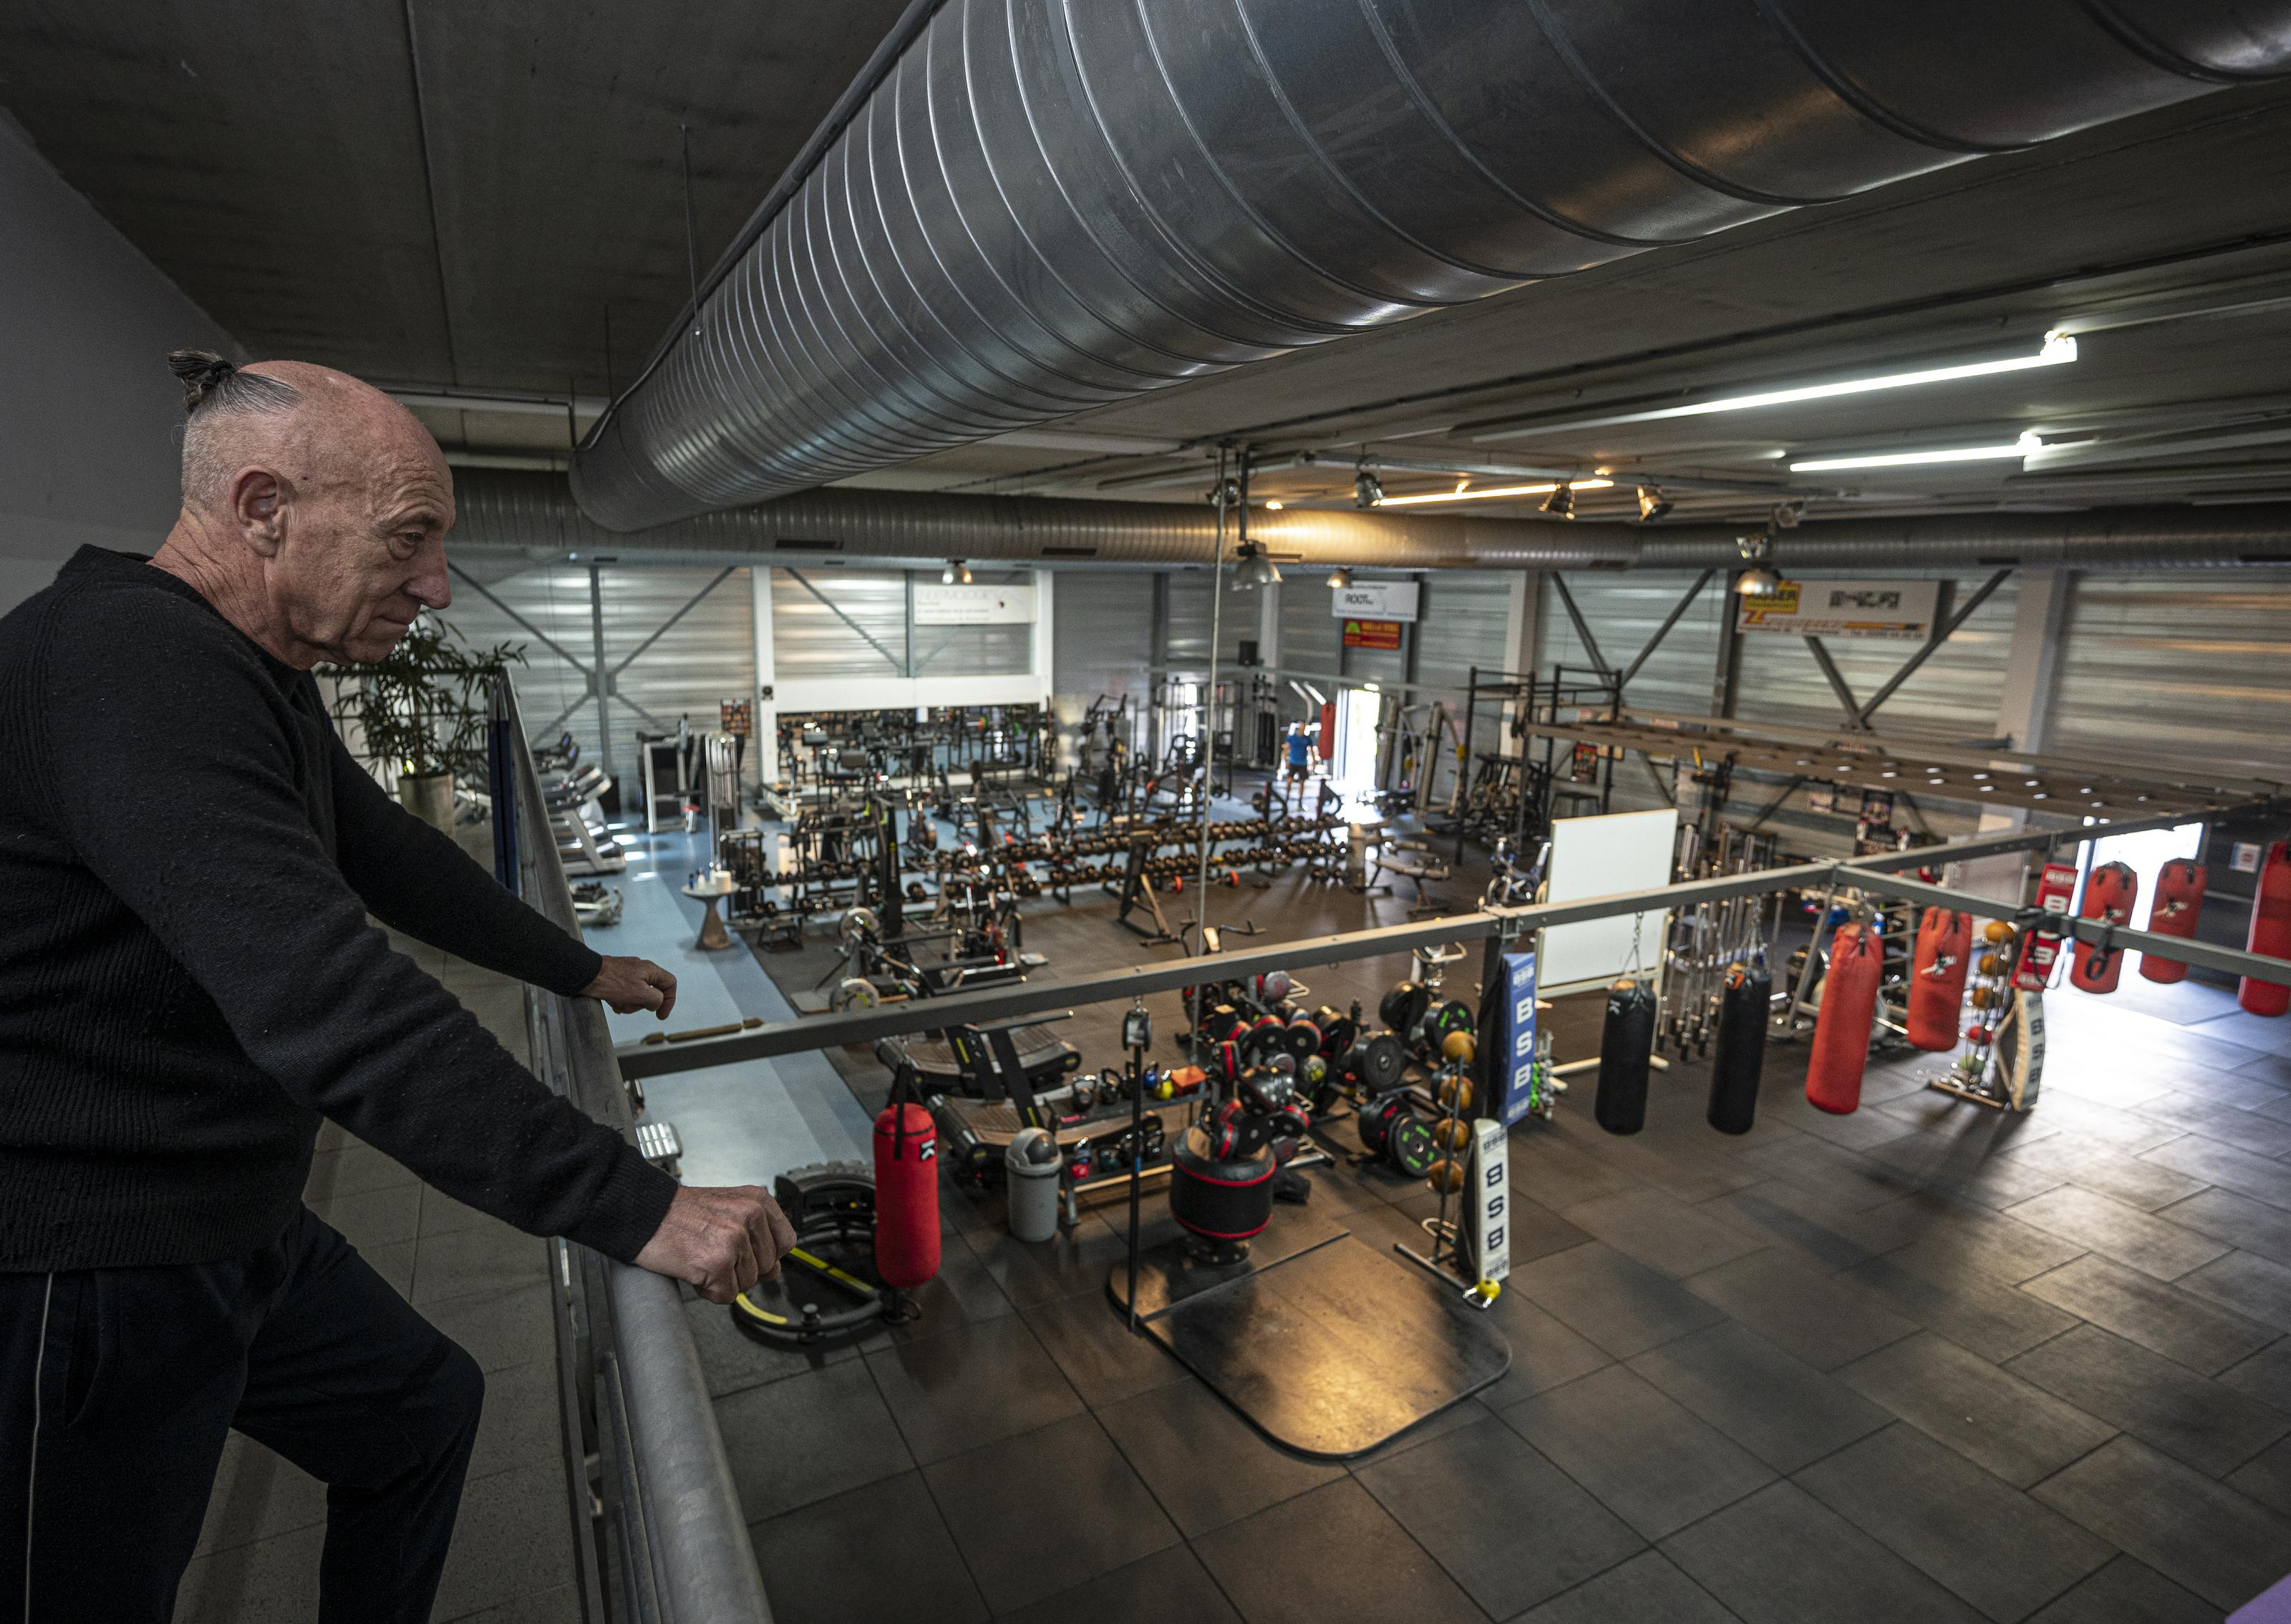 Sportscholen worstelen met coronaregels. Is dertig het maximum in de zaal? Big Gym stapt naar de rechter na sluiting: 'Clusterbesmetting hoeft niet bij ons vandaan te komen'